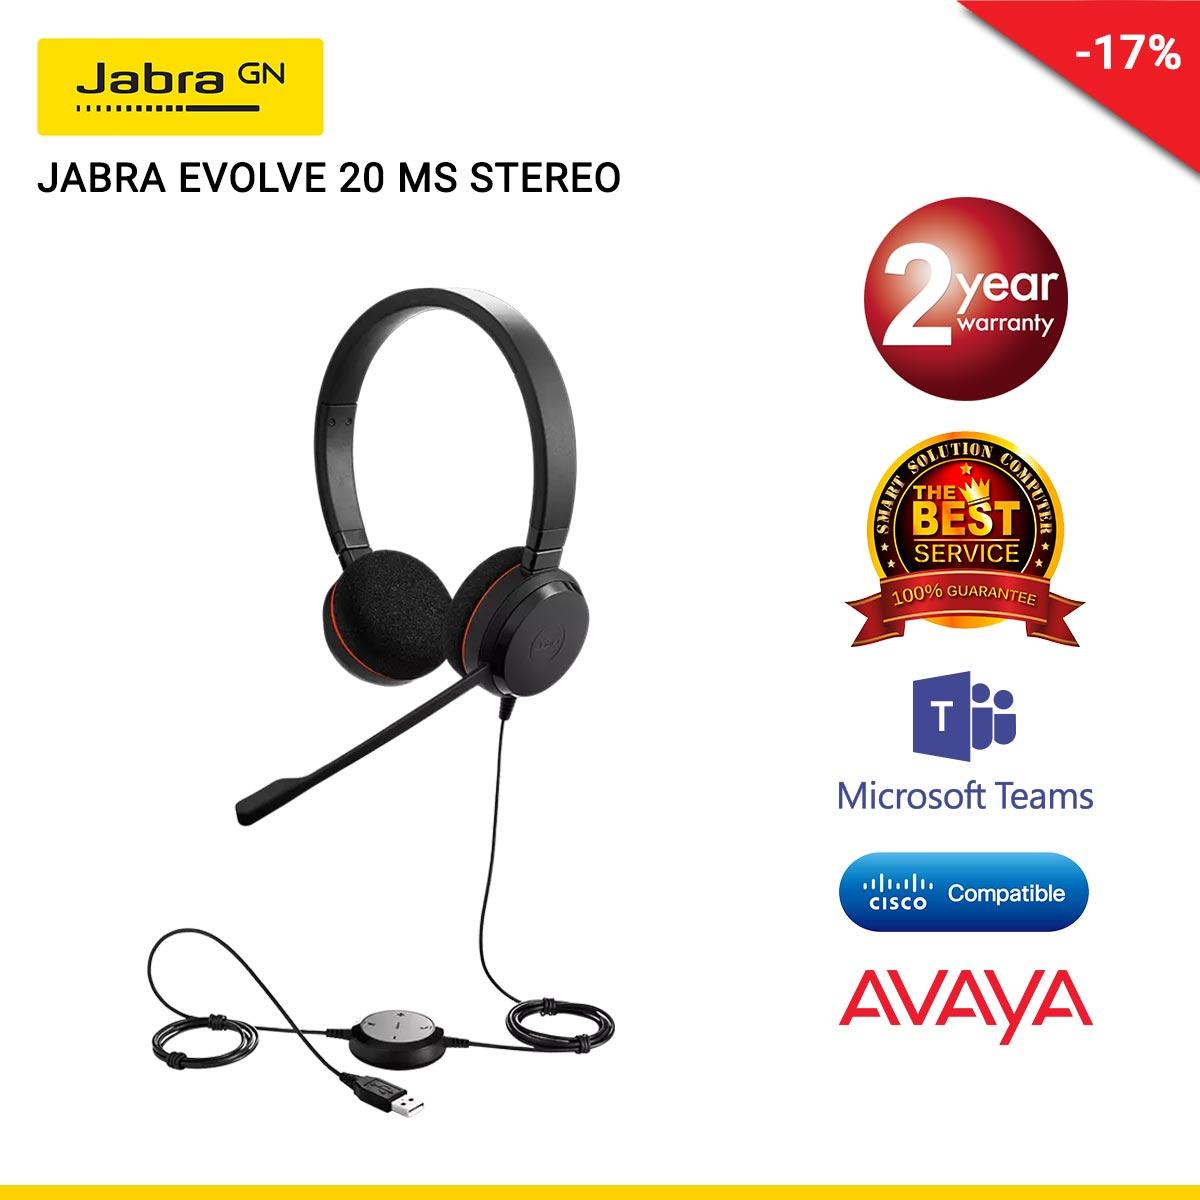 JABRA EVOLVE 20 MS STEREO (JBA-4999-823-109)